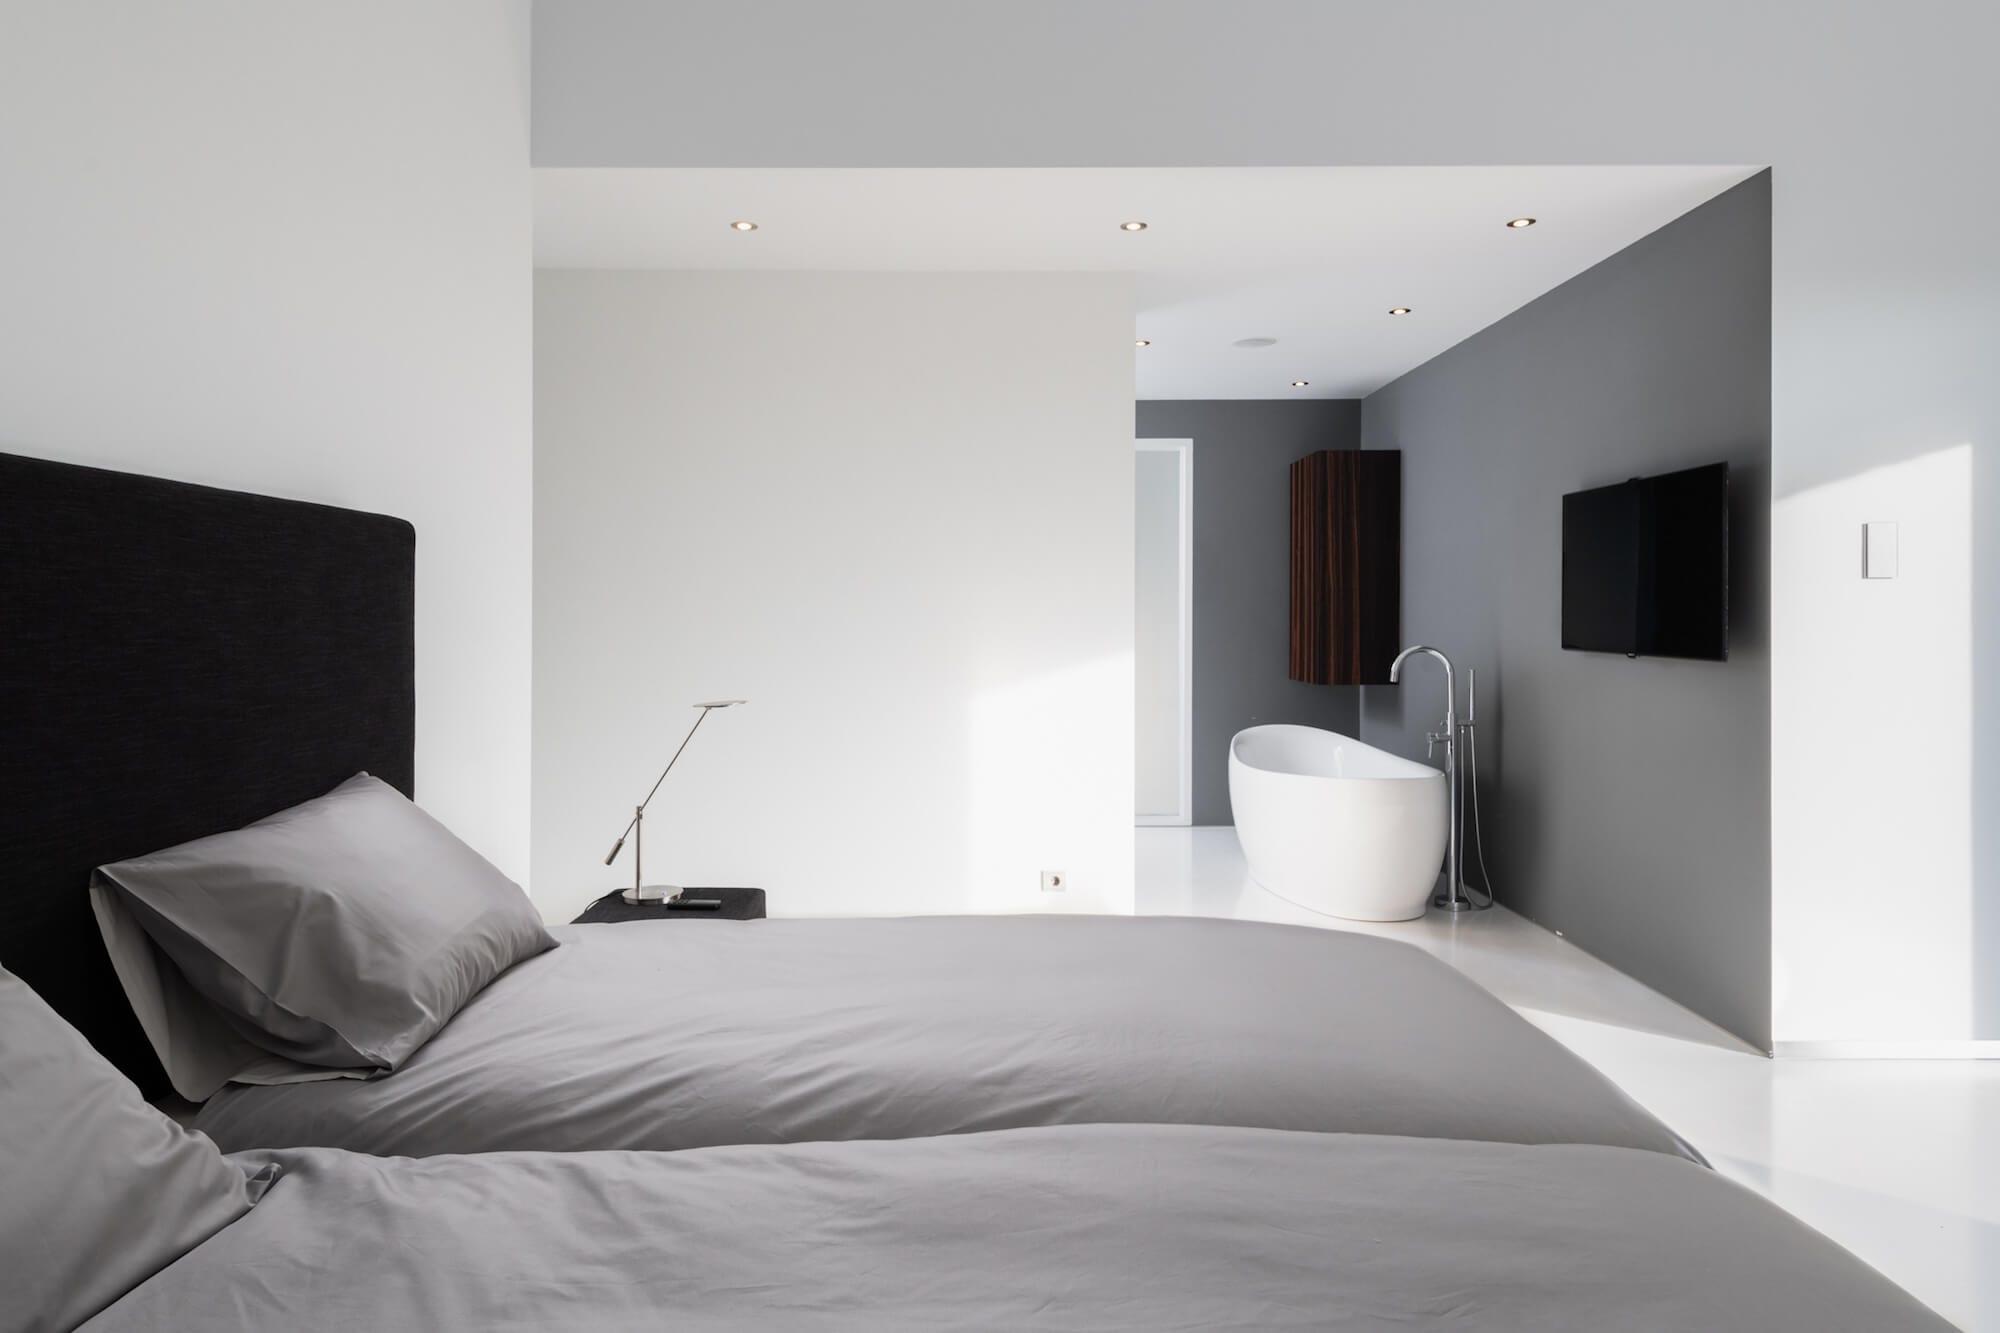 Moderne slaapkamer met bad